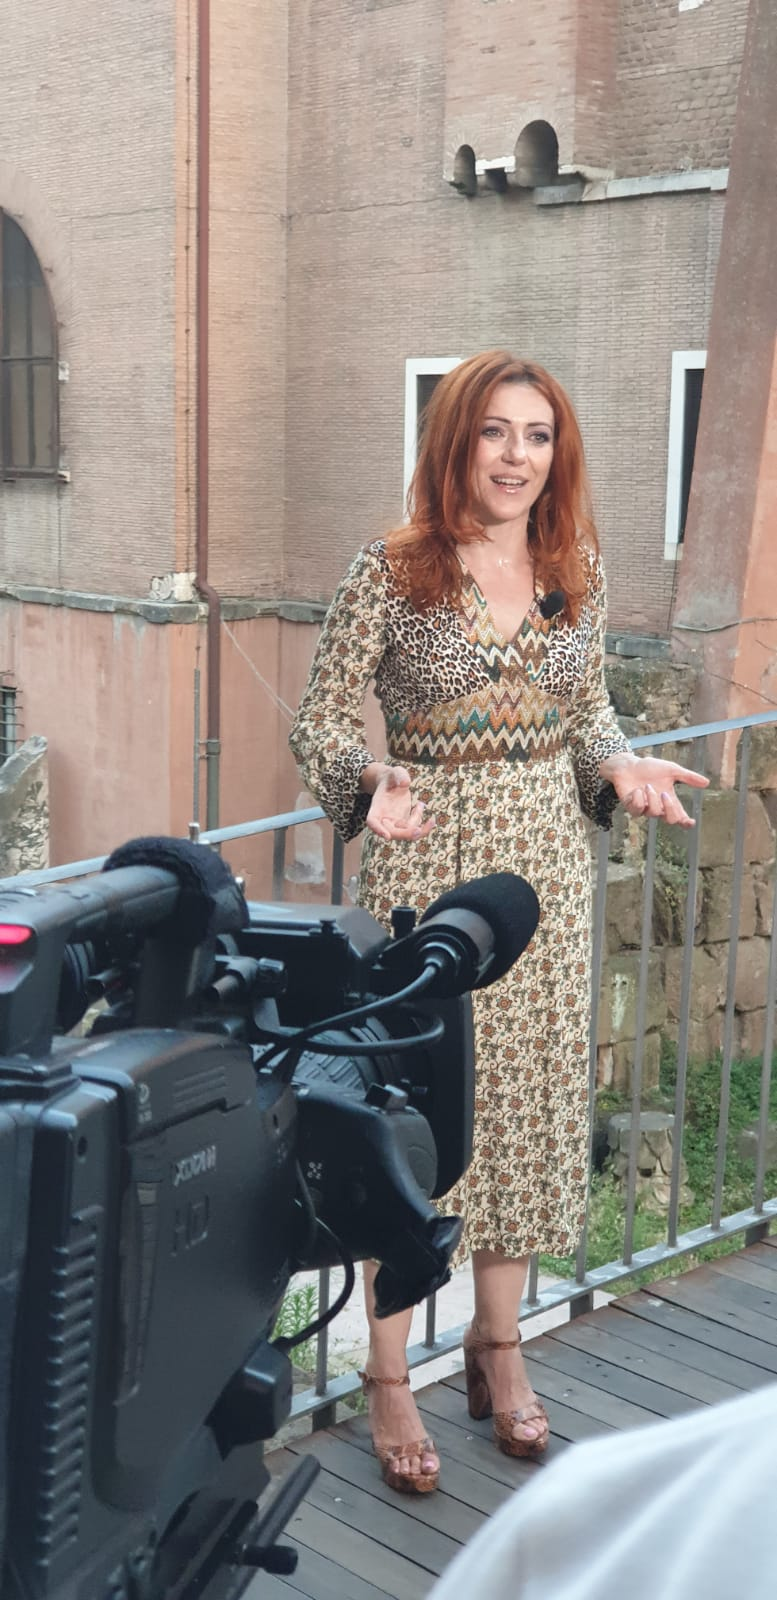 Su Rai5 mi hanno intervistato sul compleanno della Luna…ero a Roma, al Ghetto, con 98 gradi, e non è finita…